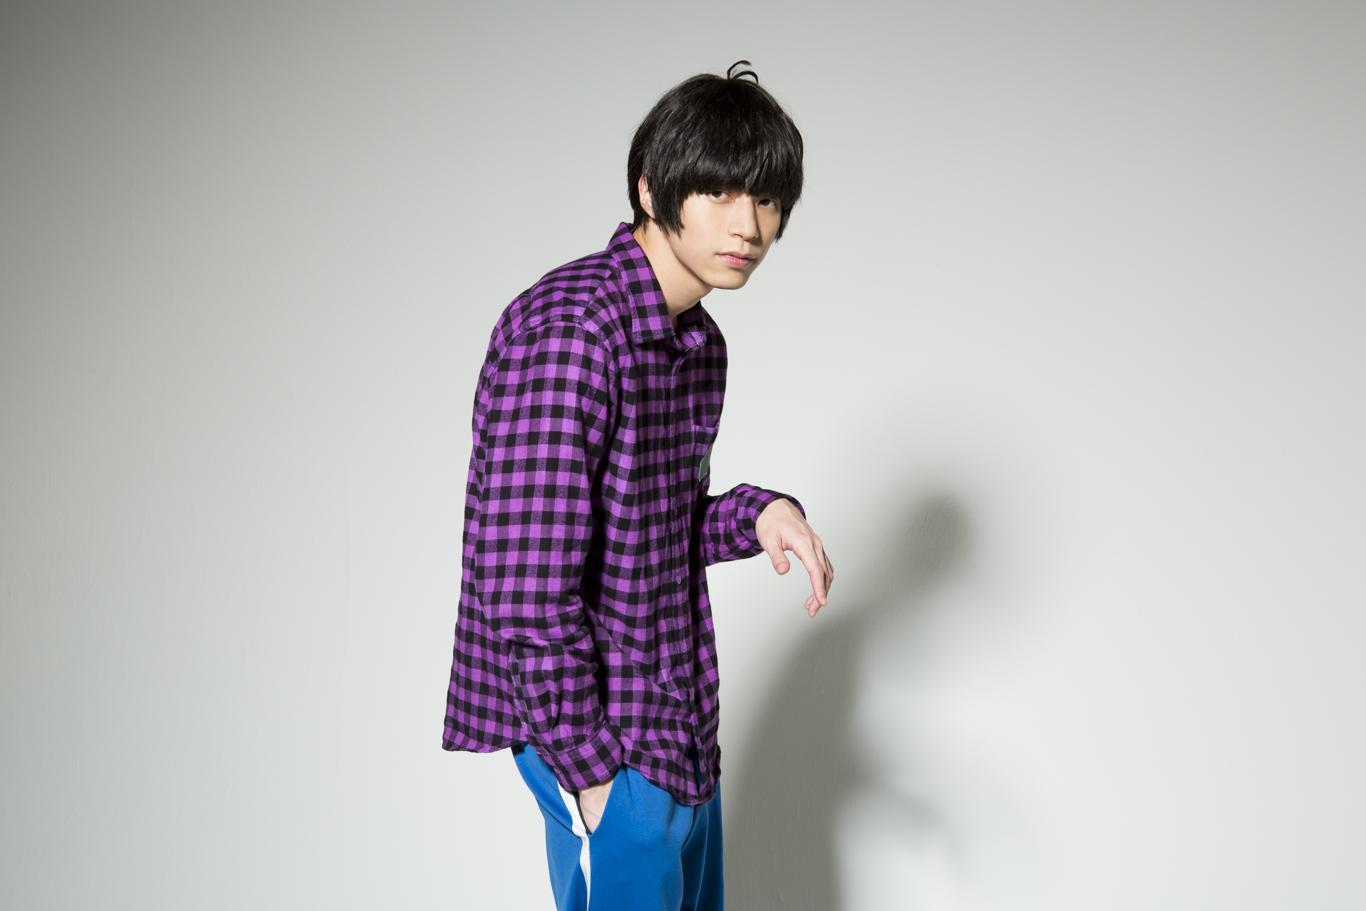 喜劇『おそ松さん』6つ子インタビュー/第4回:北村 諒(一松役)「身体を張るシーンは、あきられないように研究を重ねた」